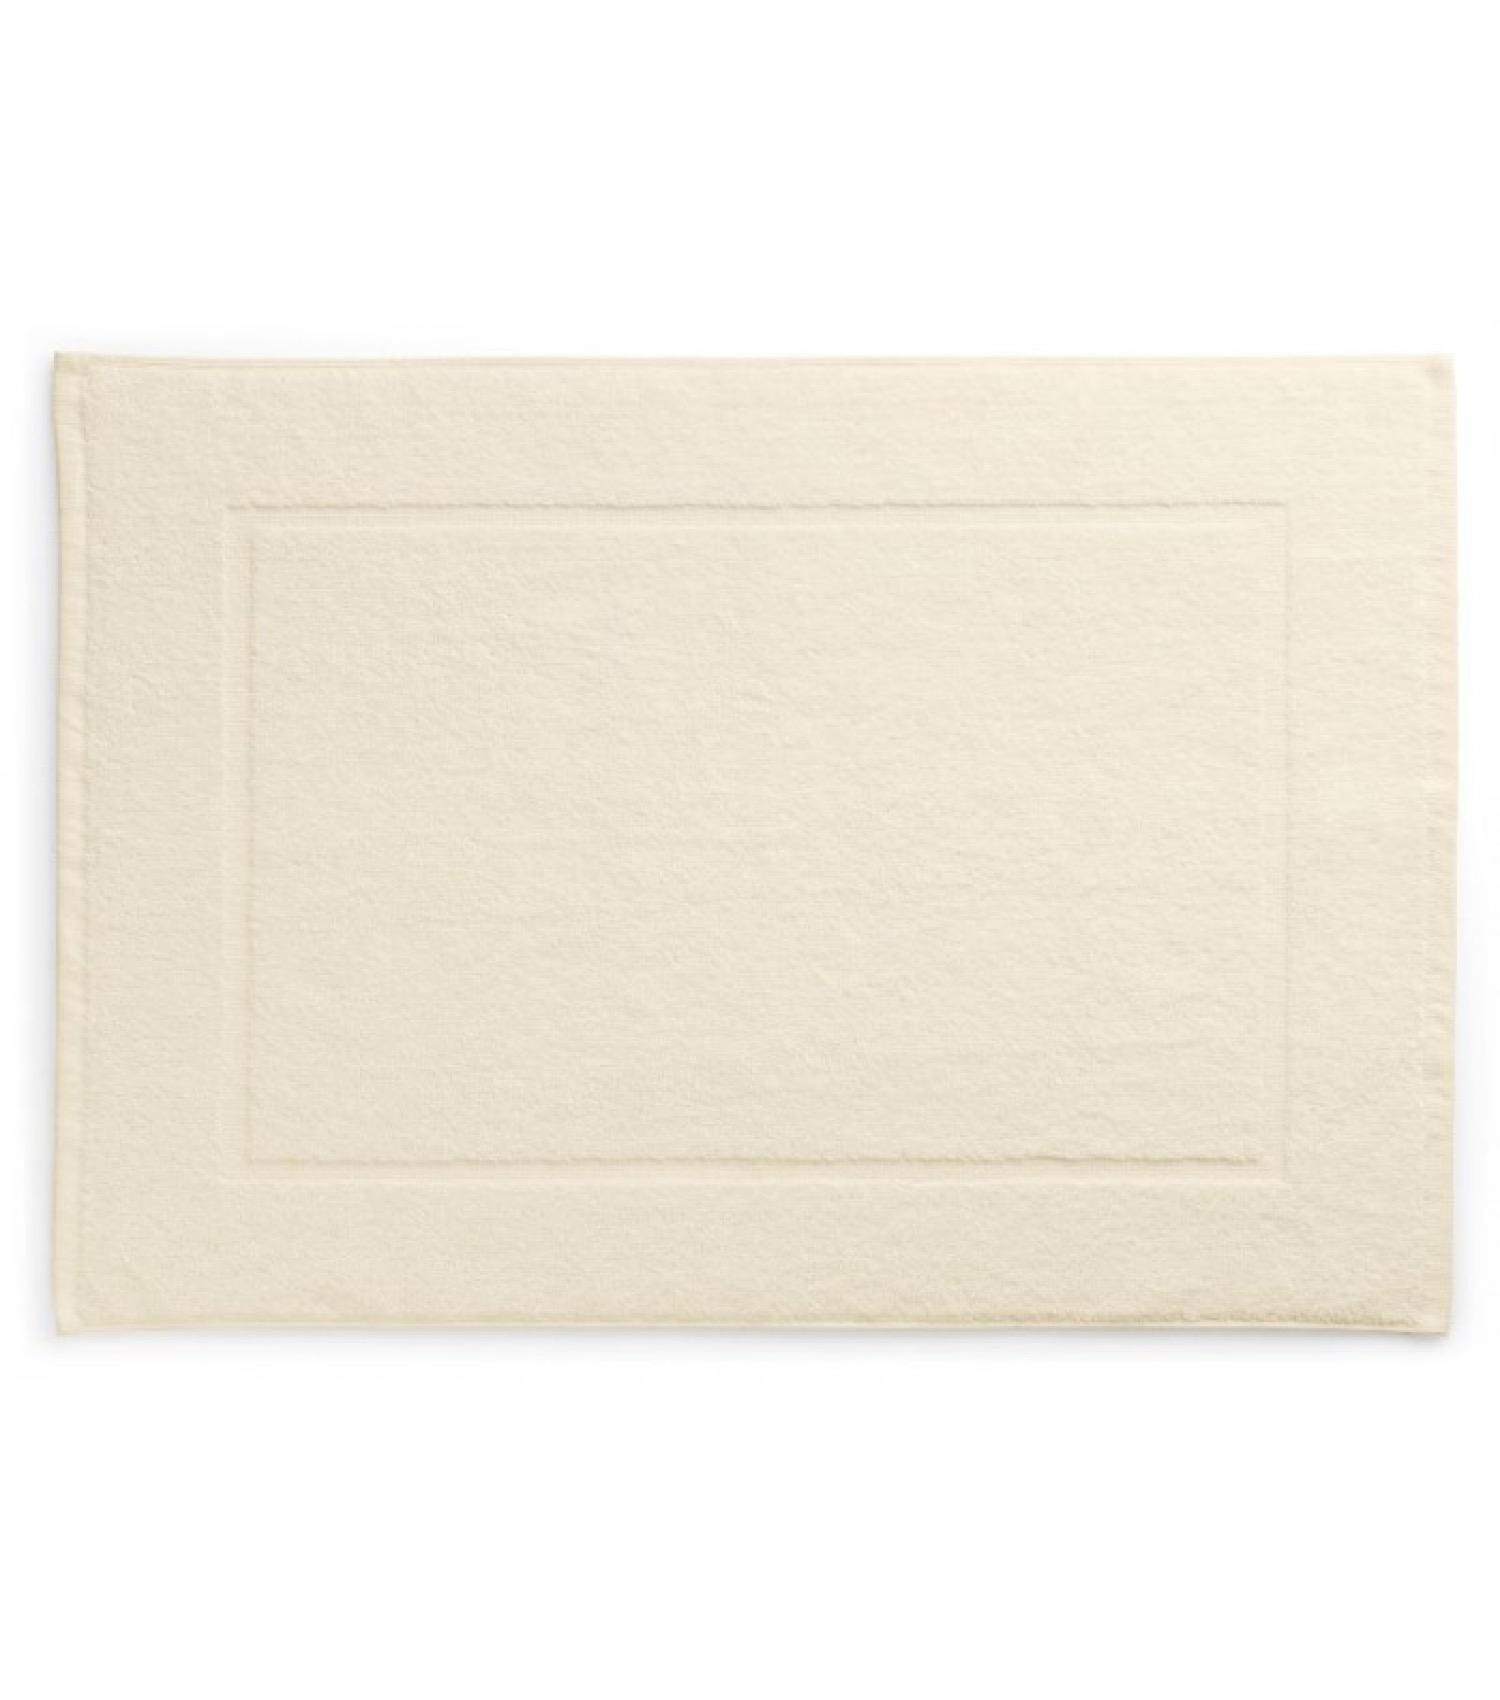 Tapis de bain 100% coton beige 70x50cm